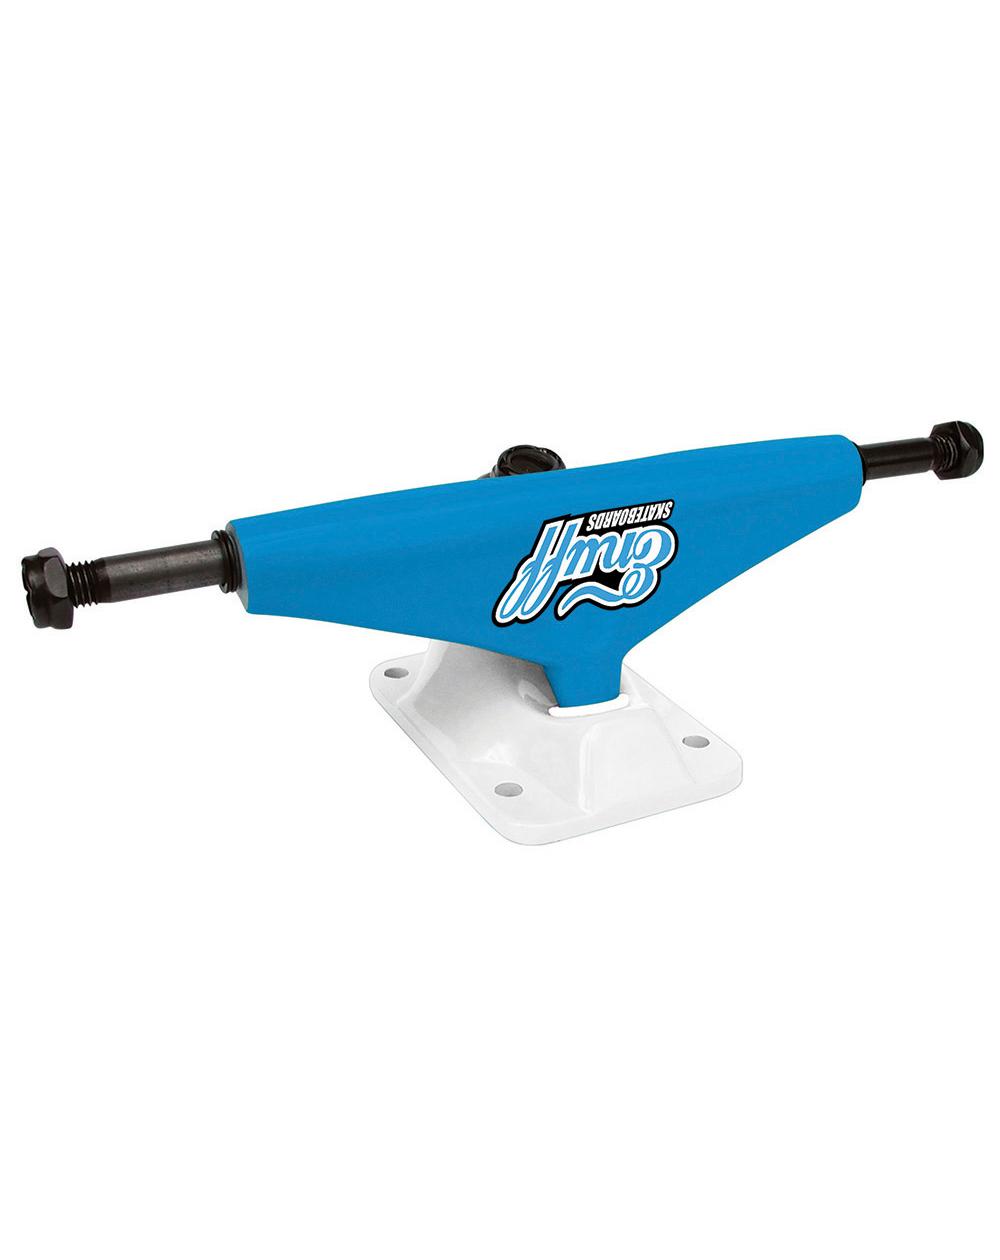 Enuff Pro 306Low 5.00-inch Trucks Skateboard Peppermint pack of 2